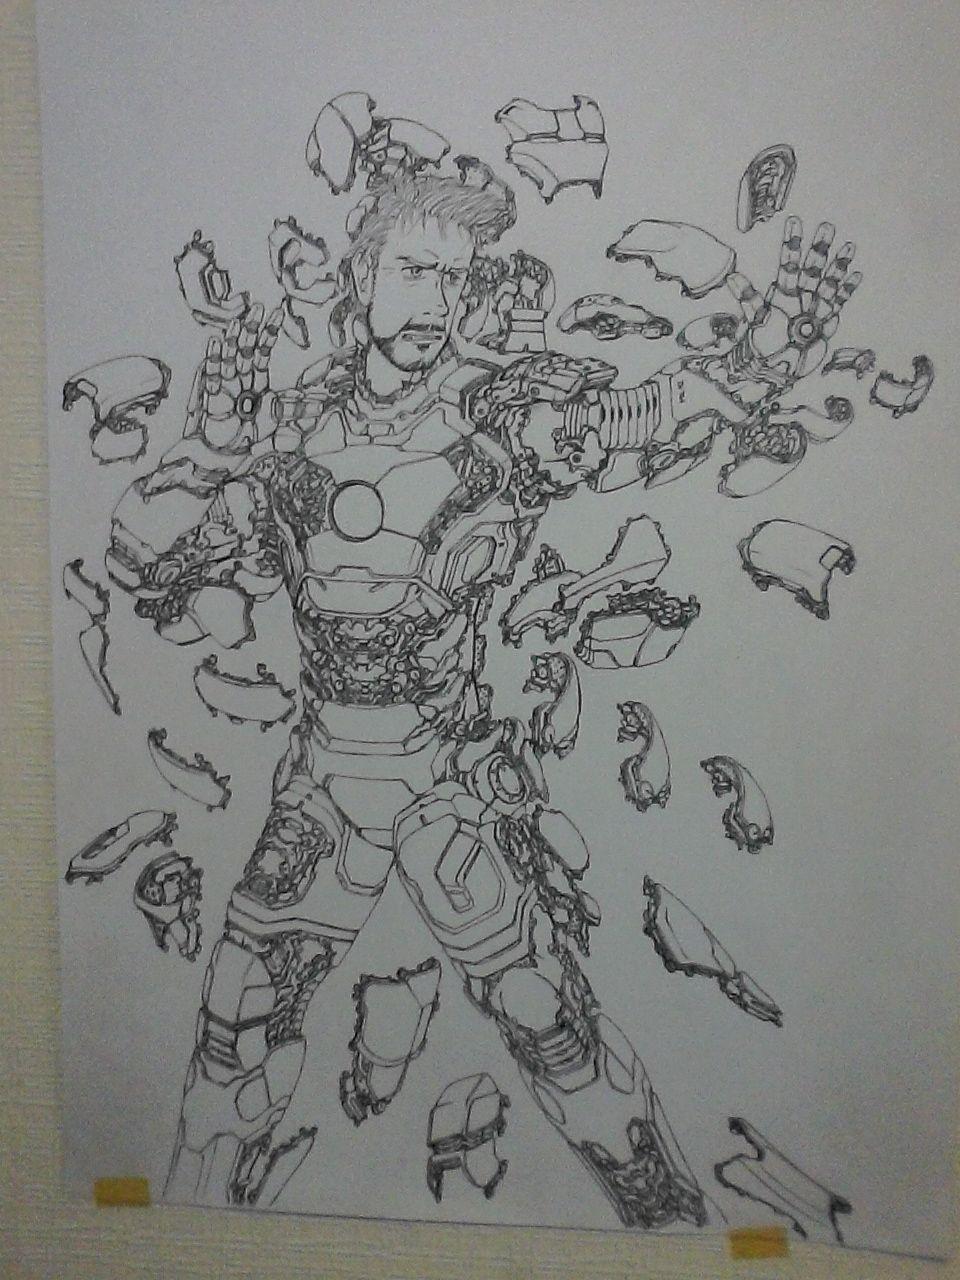 Mark 42, aun en proceso, la empeze antes del teaser de Iron Man 3, por ende el proceso de armado es distinto al mostrado en la peli. 1/8 de mercurio entintado